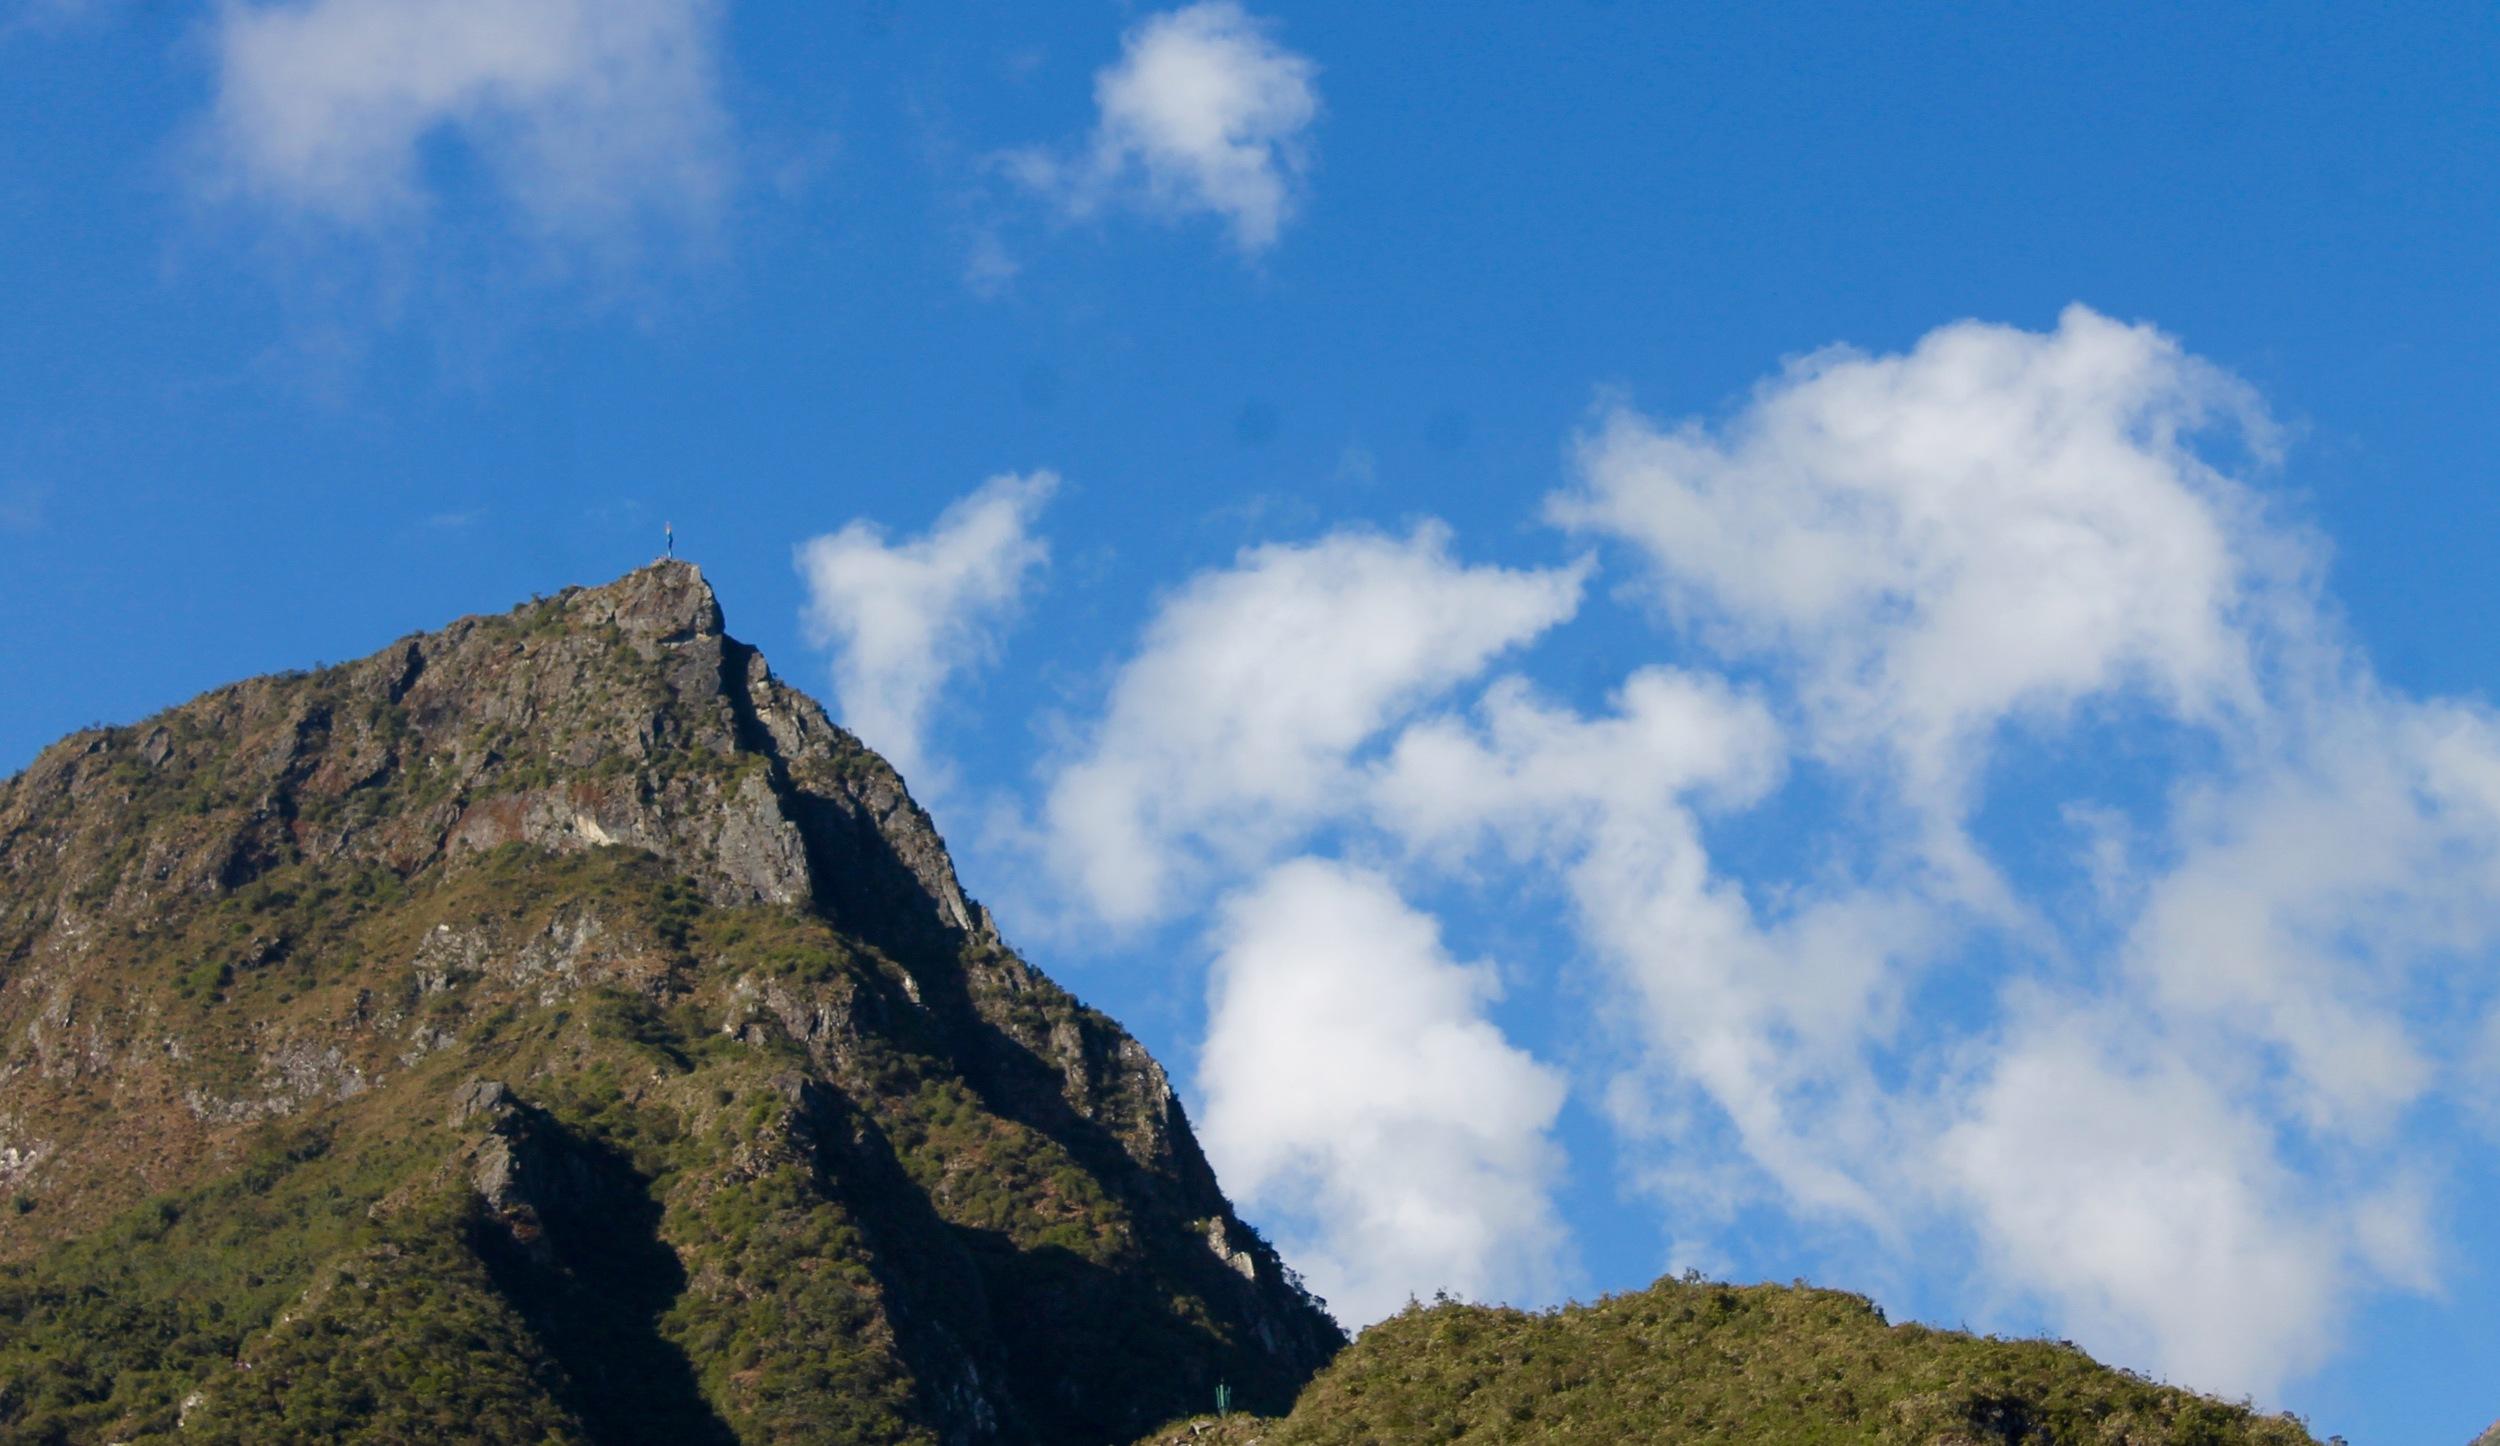 Clouds run fast over Machu Picchu